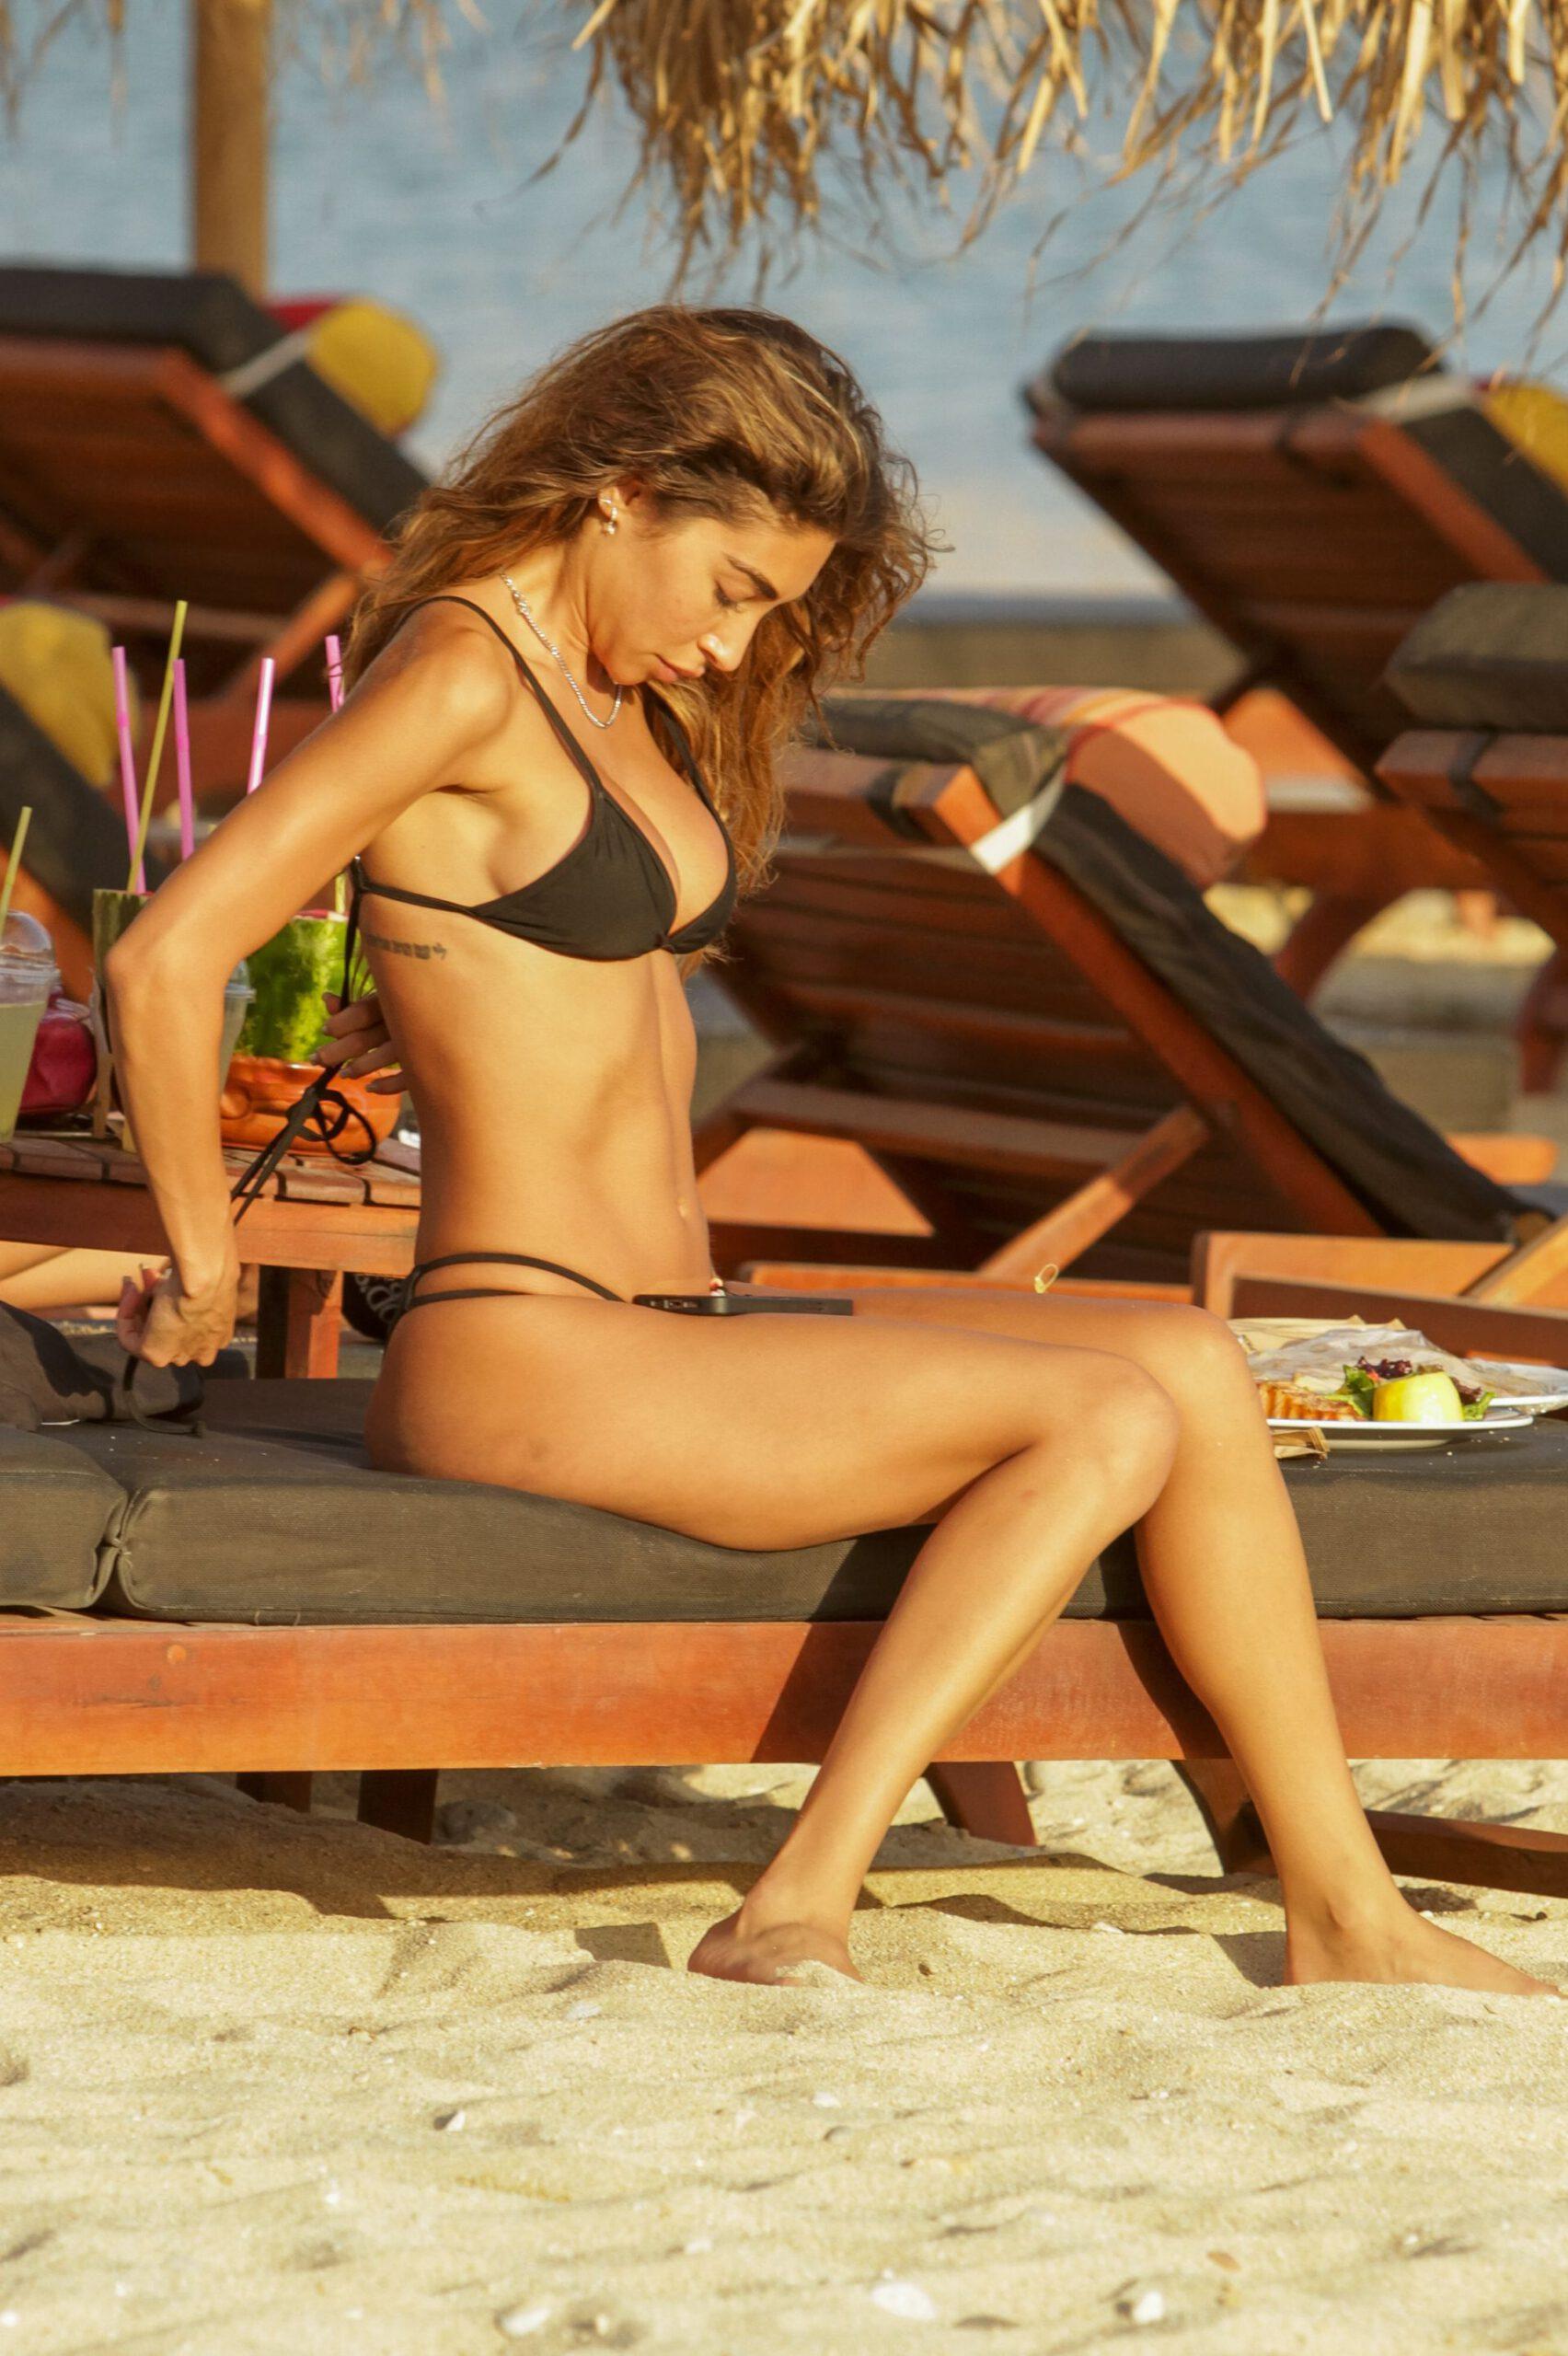 Chantel Jeffries Gorgeous Bikini Body